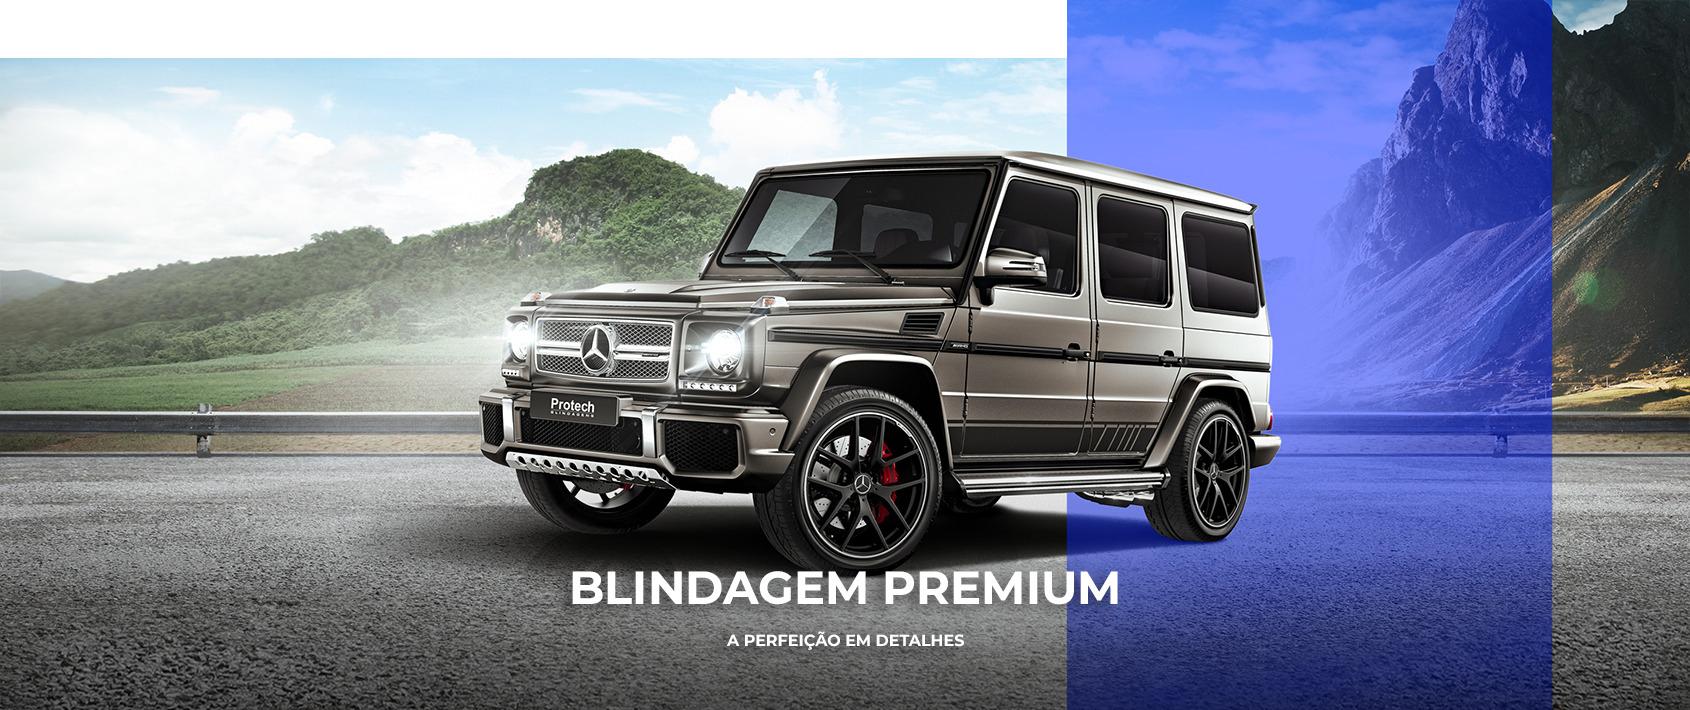 Banner Premium Af04 - Protech Blindagens